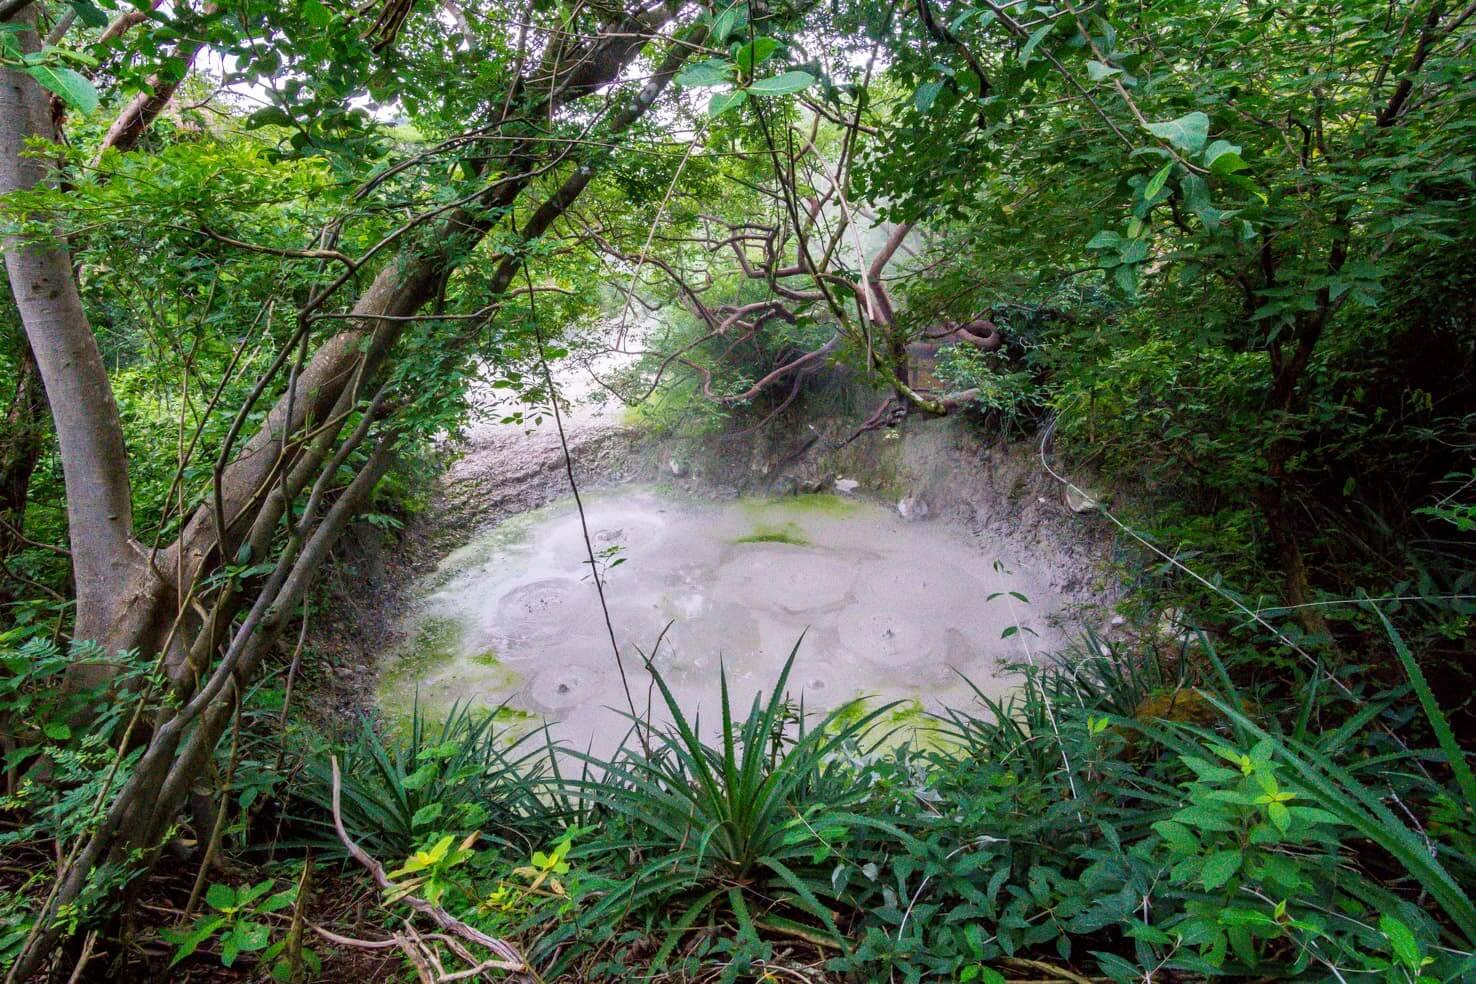 10 days in Costa Rica - Rincon de la Vieja National Park